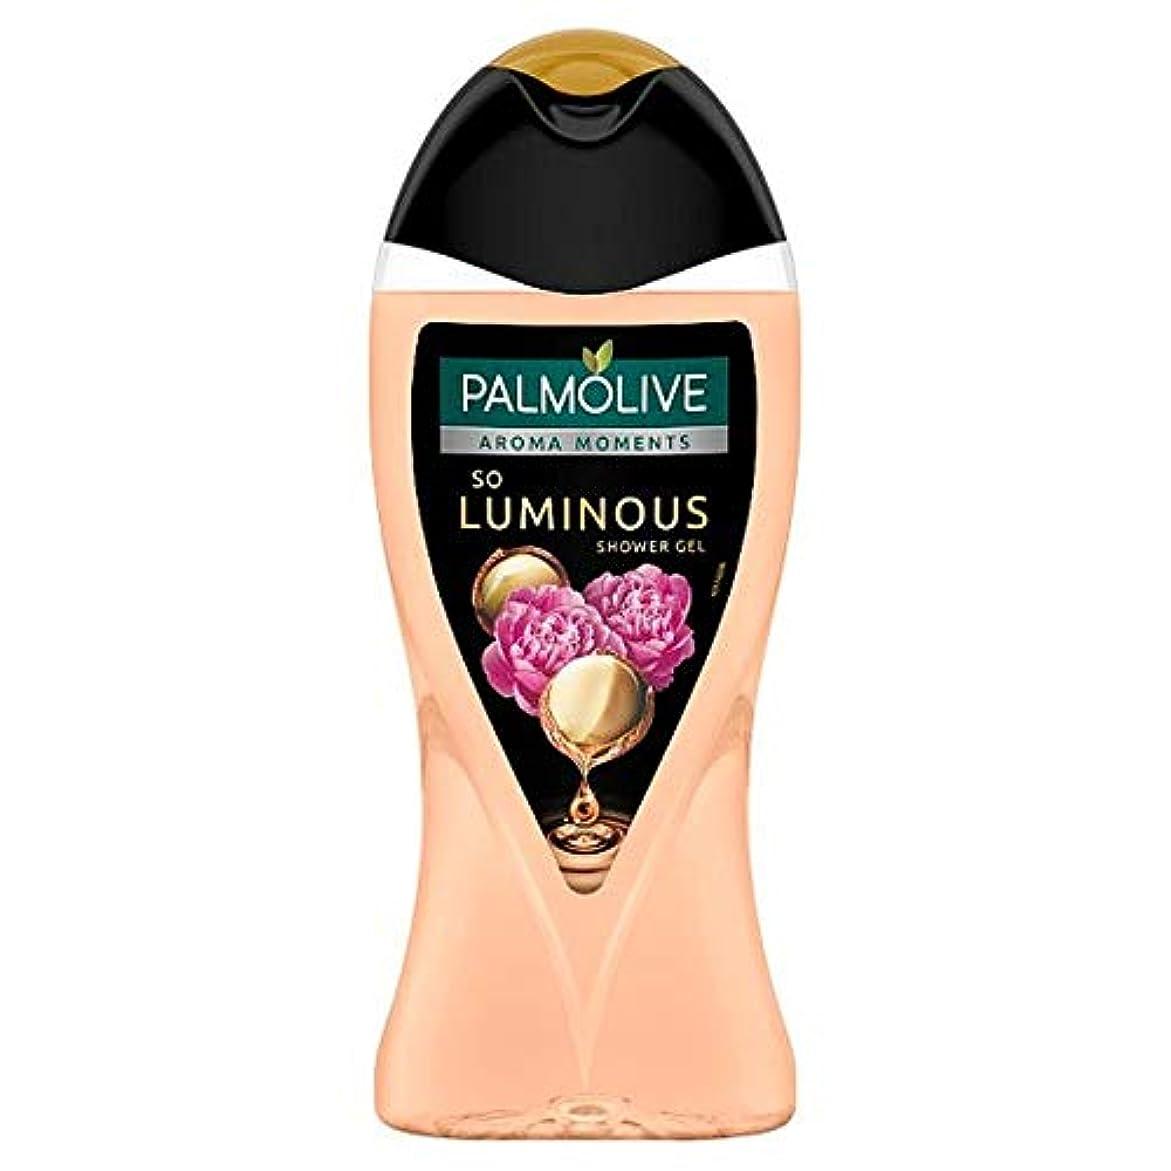 タオル略奪象[Palmolive] その発光シャワージェル250ミリリットルをパルモ - Palmolive So Luminous Shower Gel 250Ml [並行輸入品]